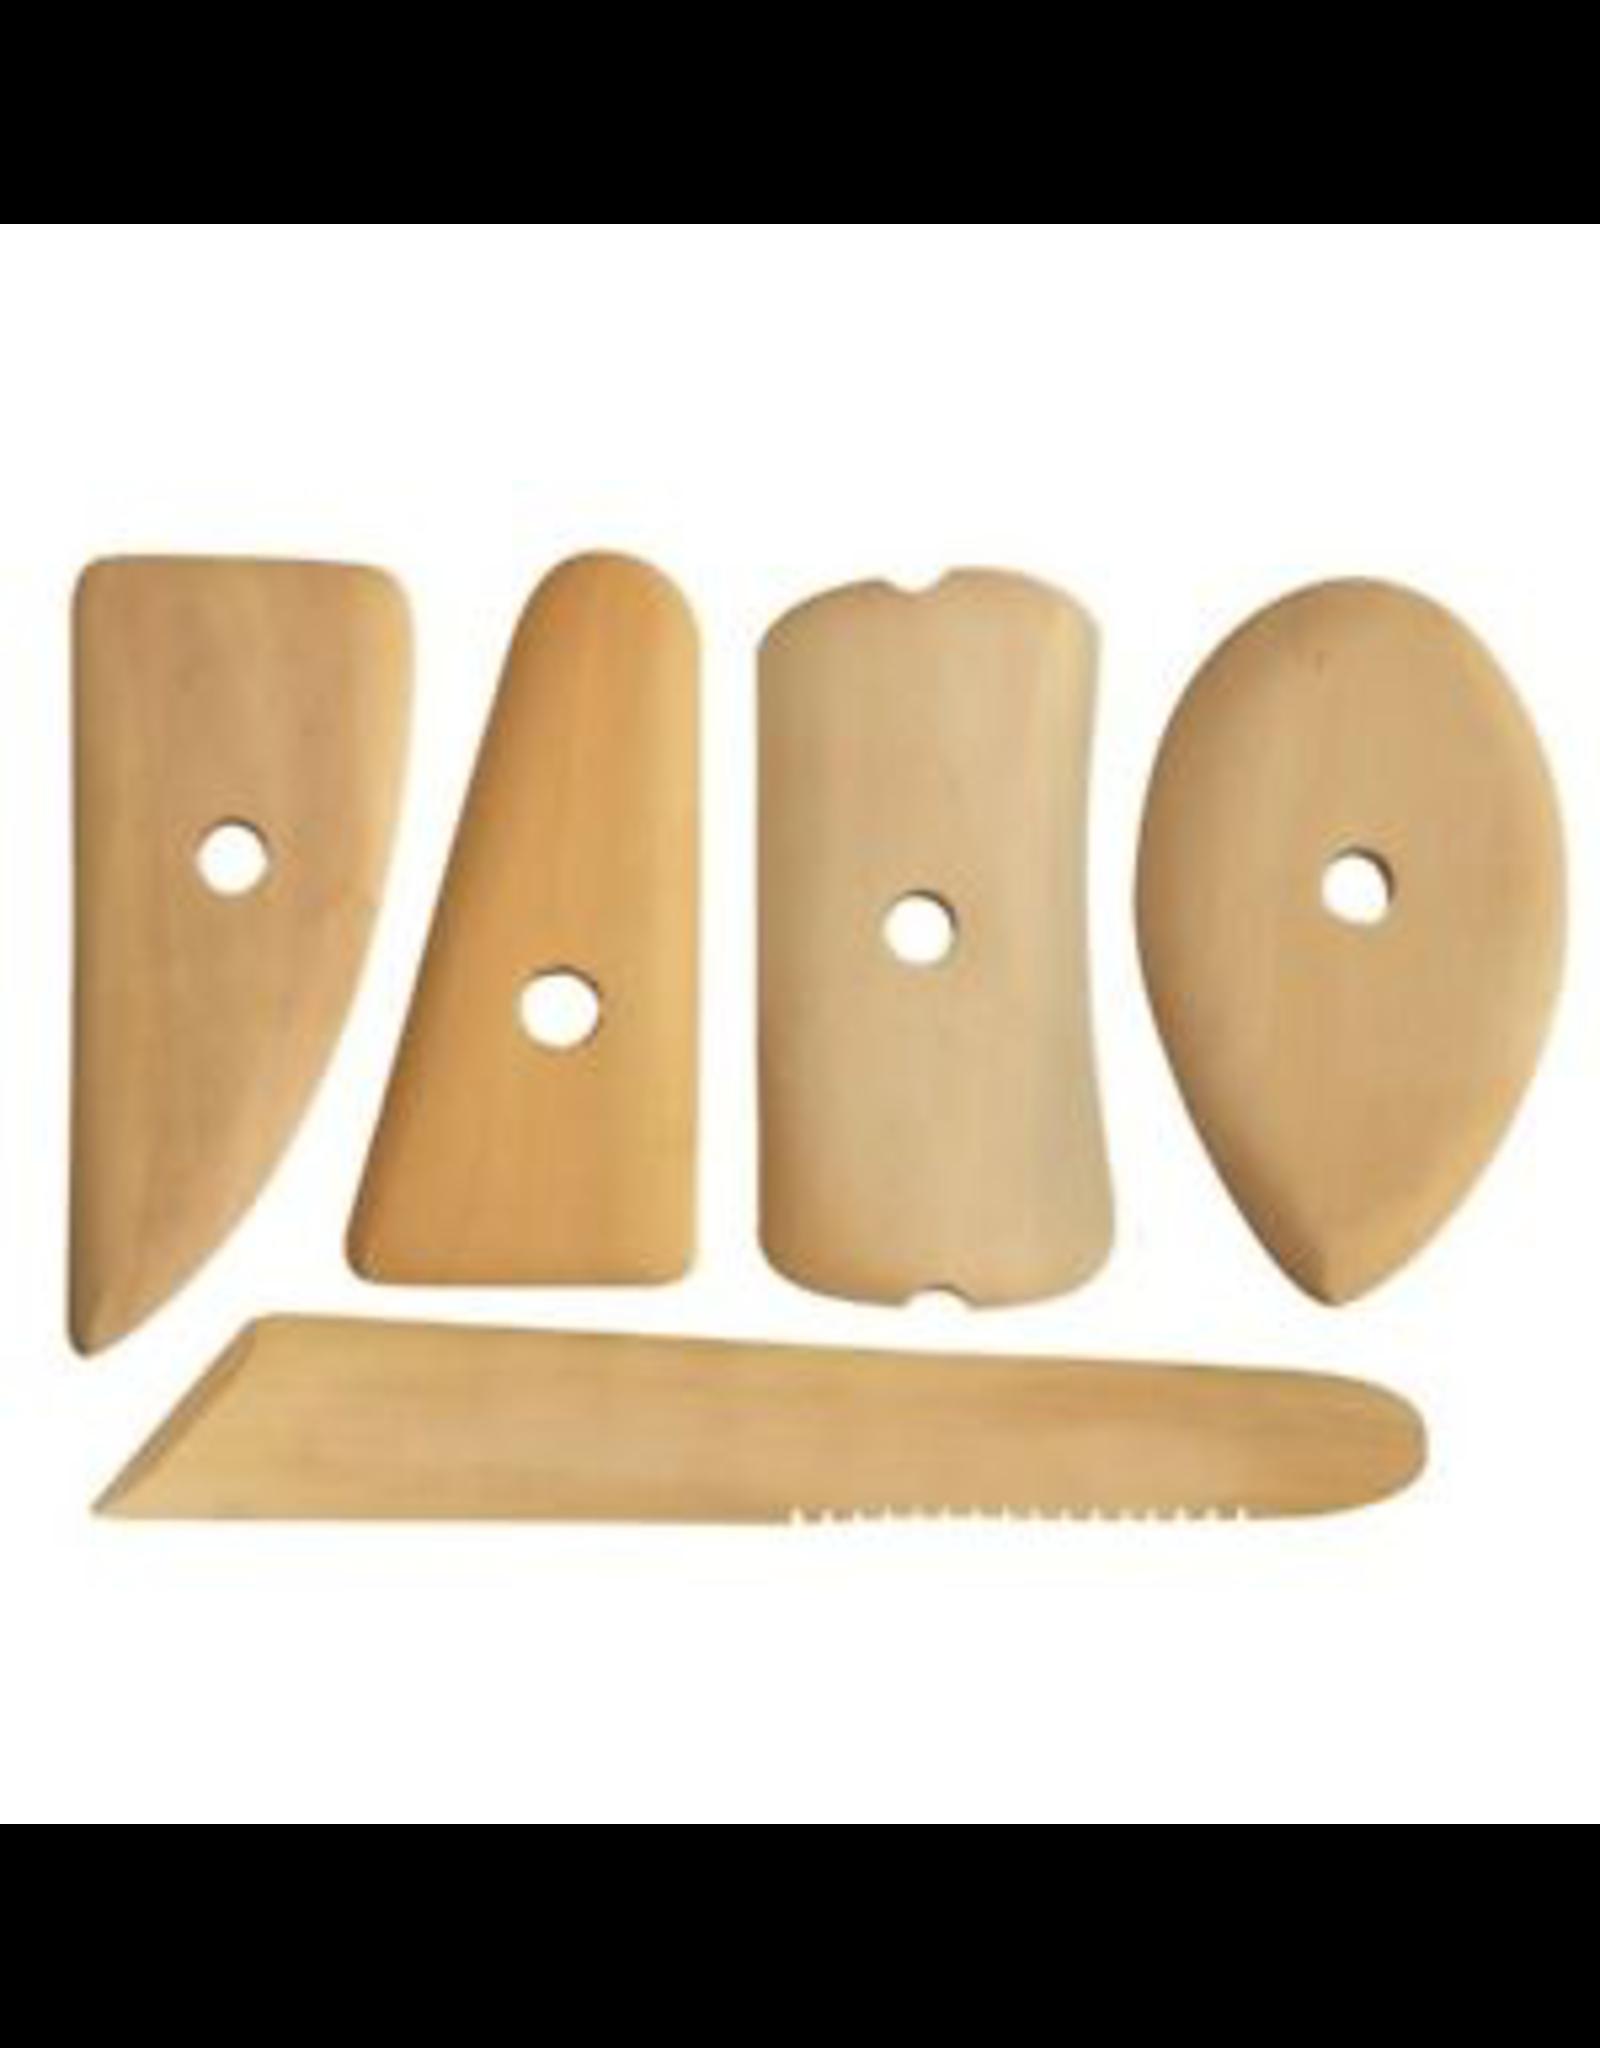 Royal & Langnickel Set of wooden ribs(5)